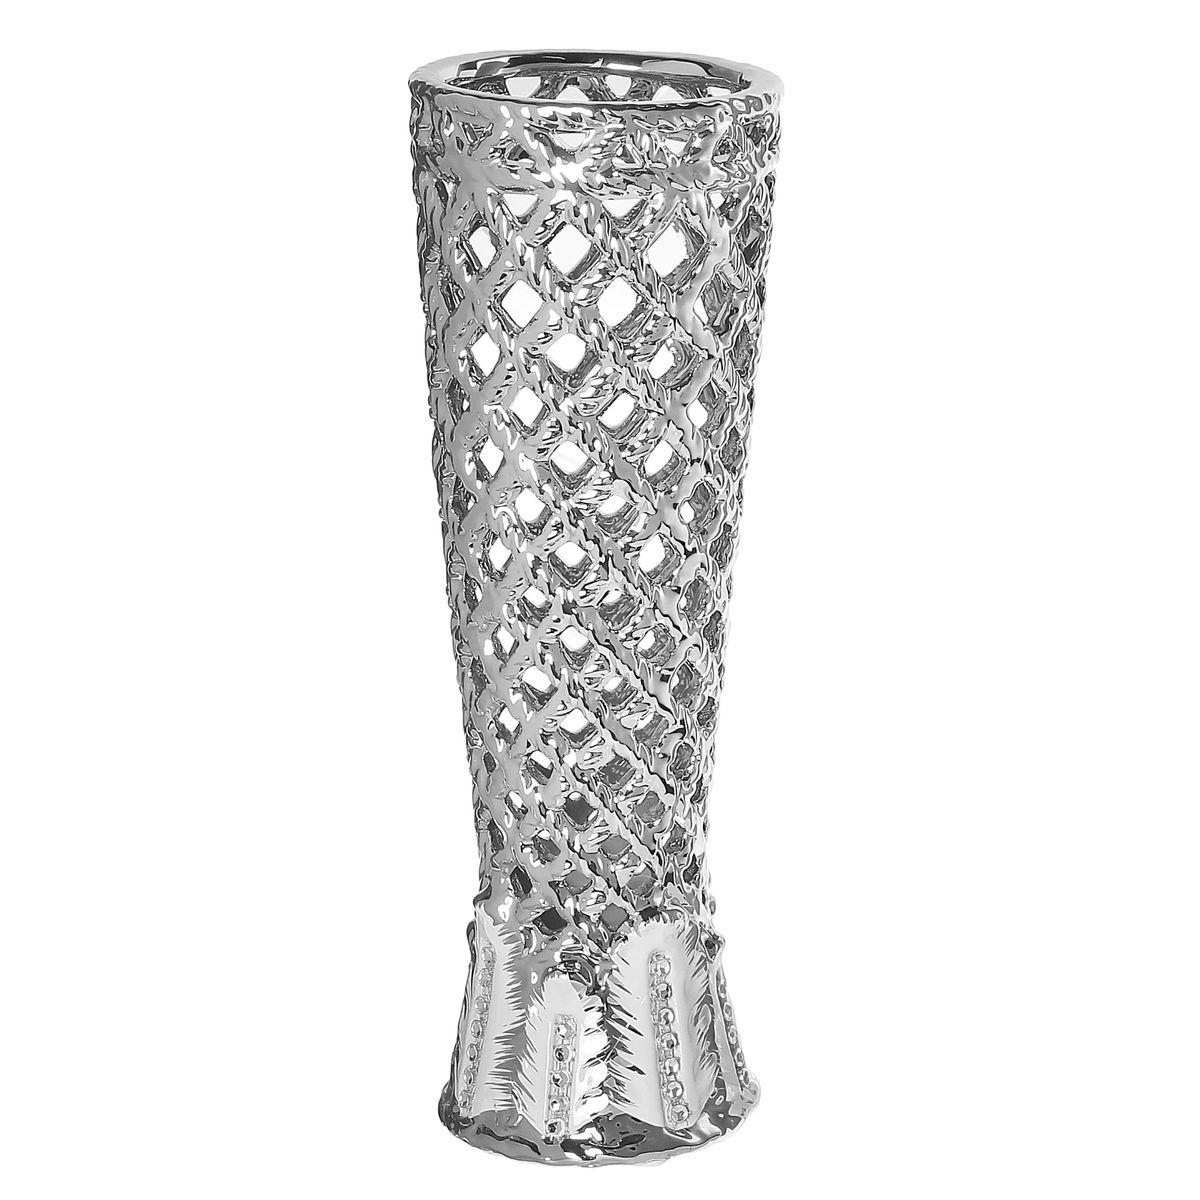 Ваза керамика серебрянная сетка 28,5*9*9 см 866199